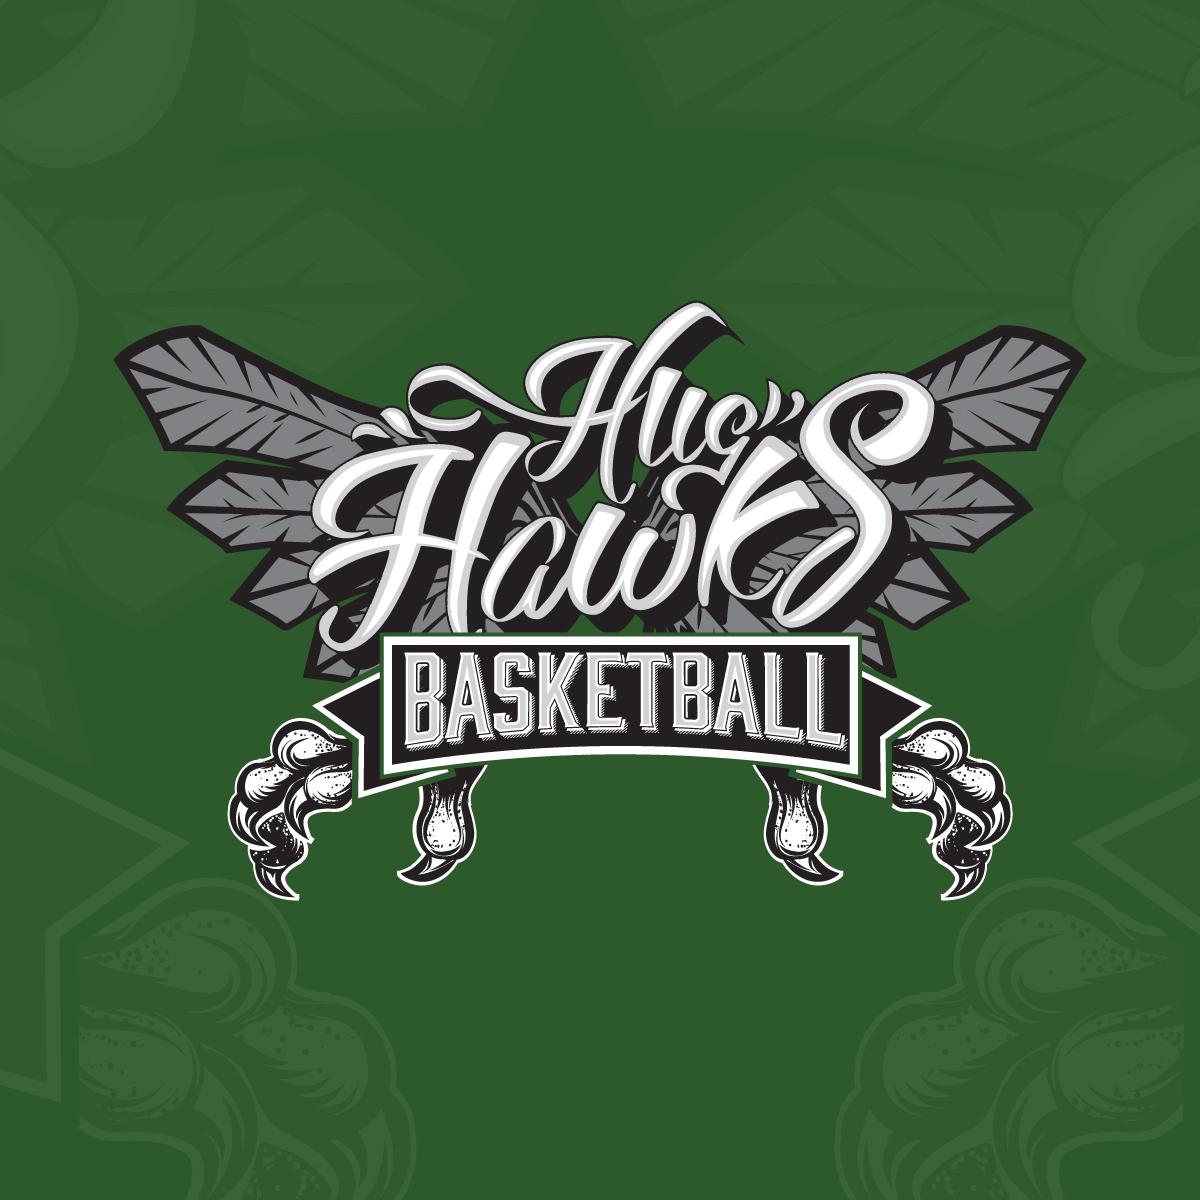 HugHawks2